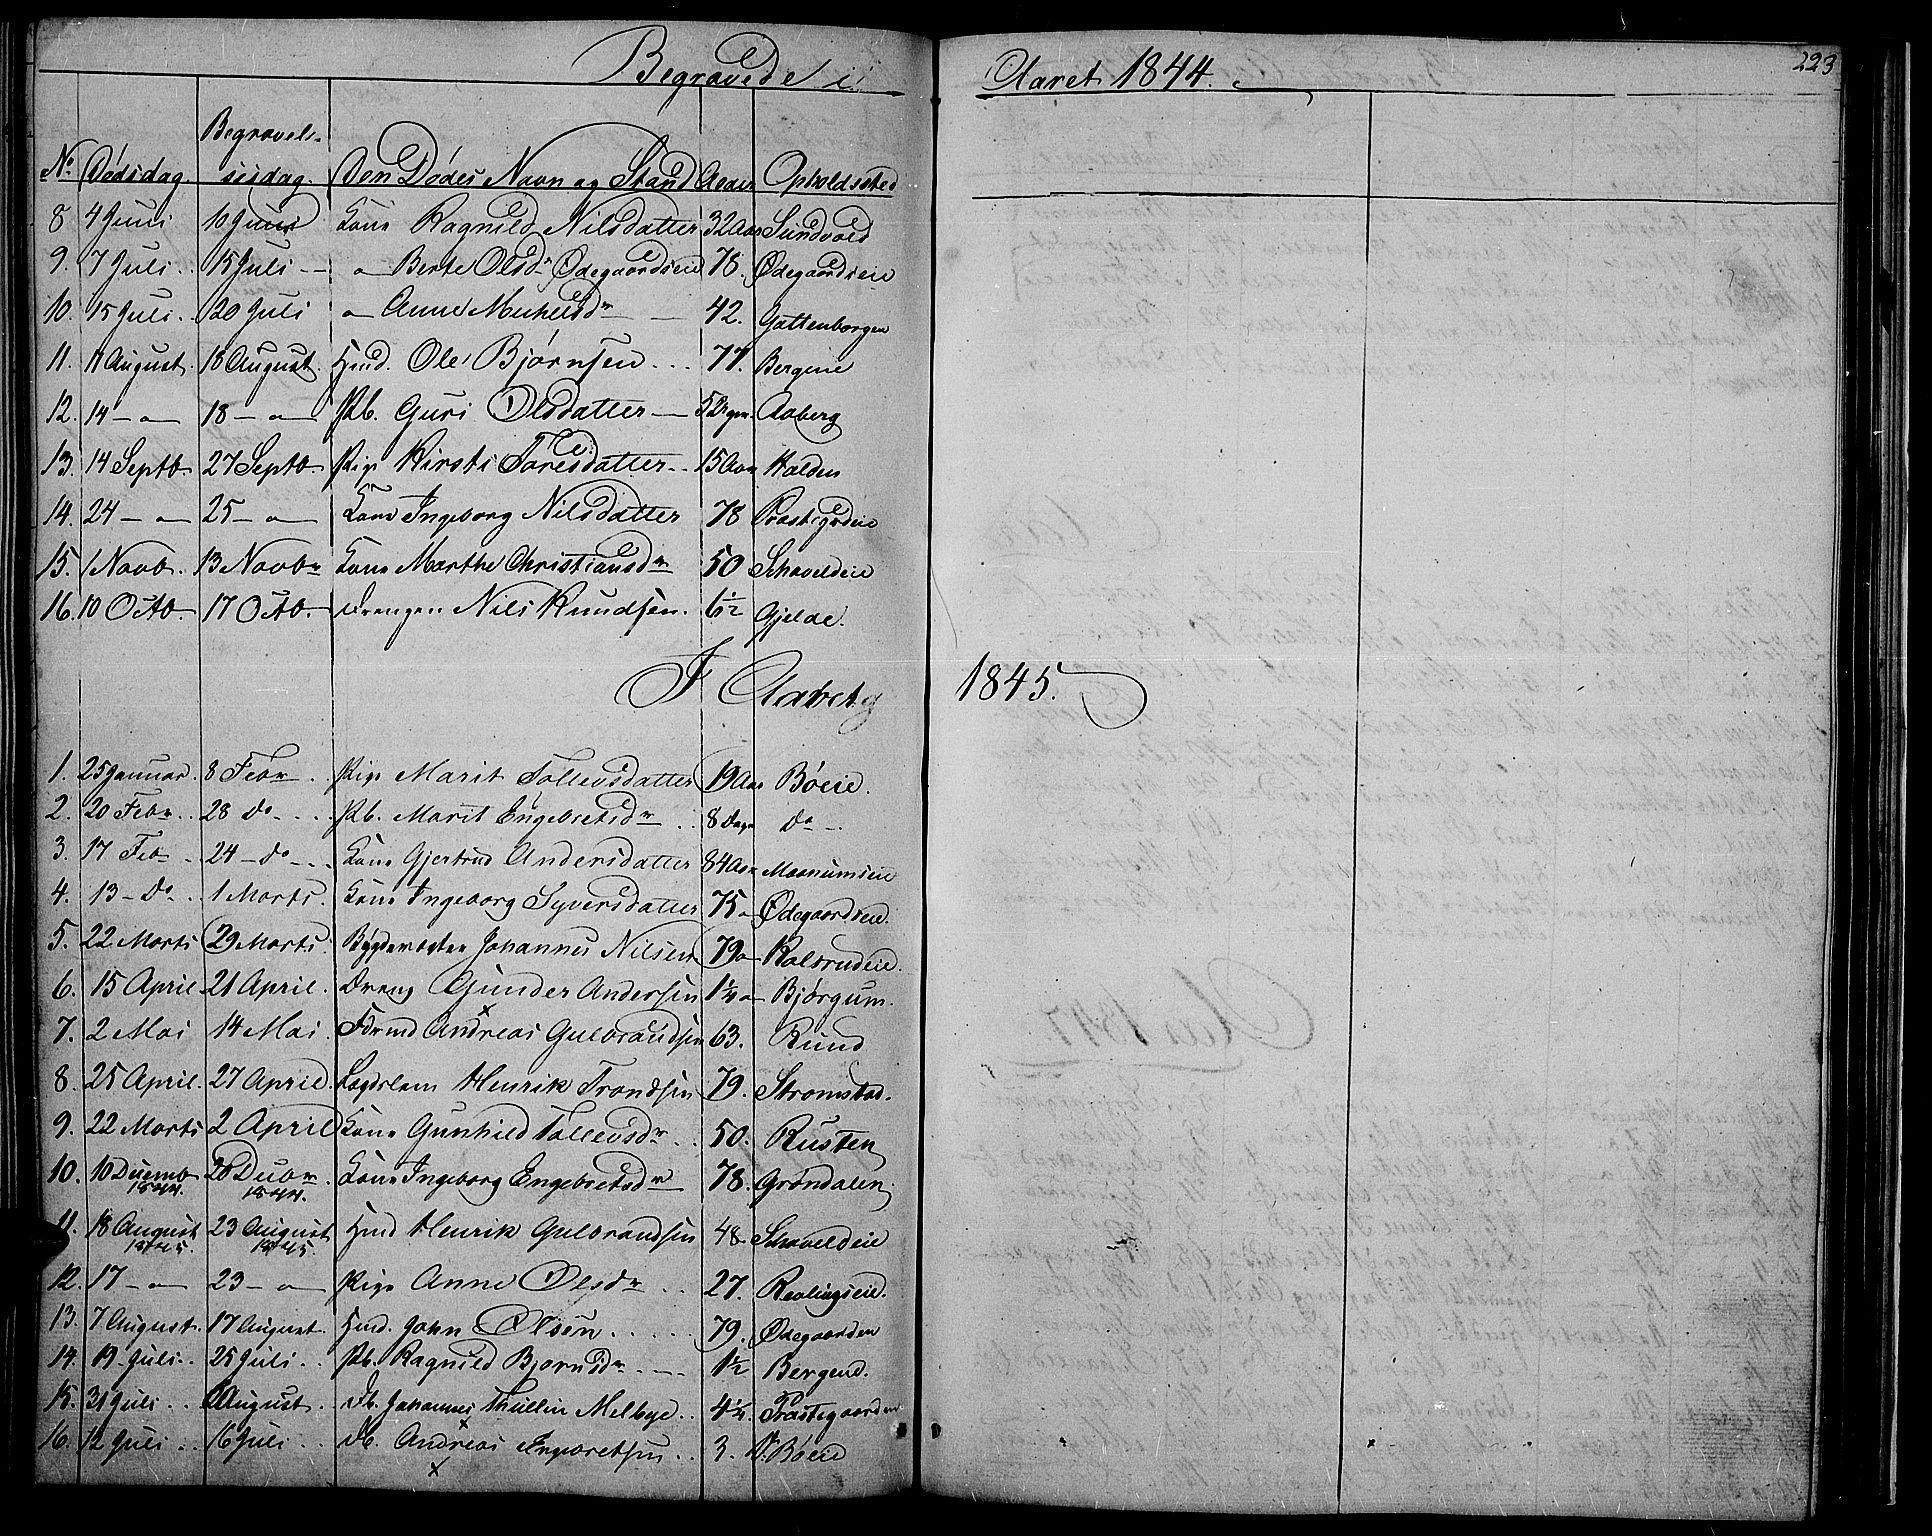 SAH, Nord-Aurdal prestekontor, Klokkerbok nr. 2, 1842-1877, s. 223